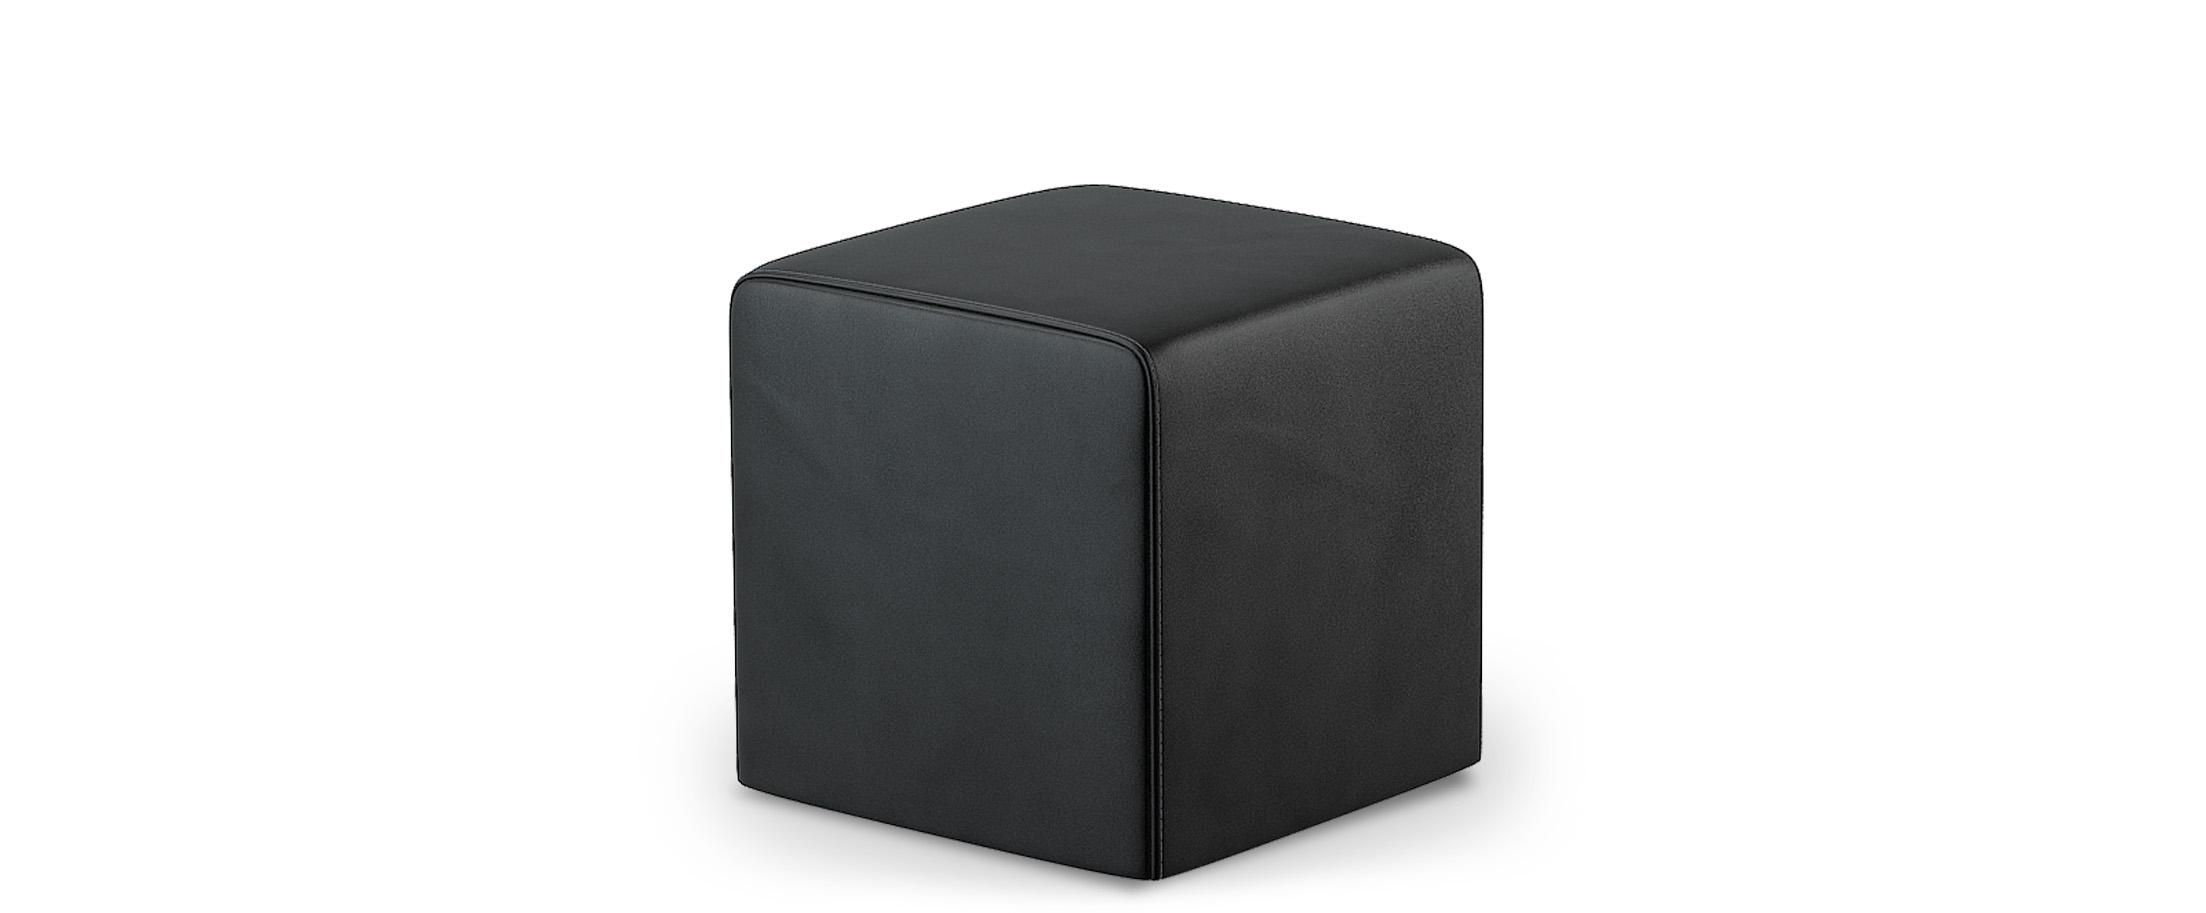 Пуф кубКупить квадратный пуф из экокожи Модель 010 от производителя. Доставка от 1 дня. Гарантия 18 месяцев. Интернет-магазин мебели MOON TRADE.<br>